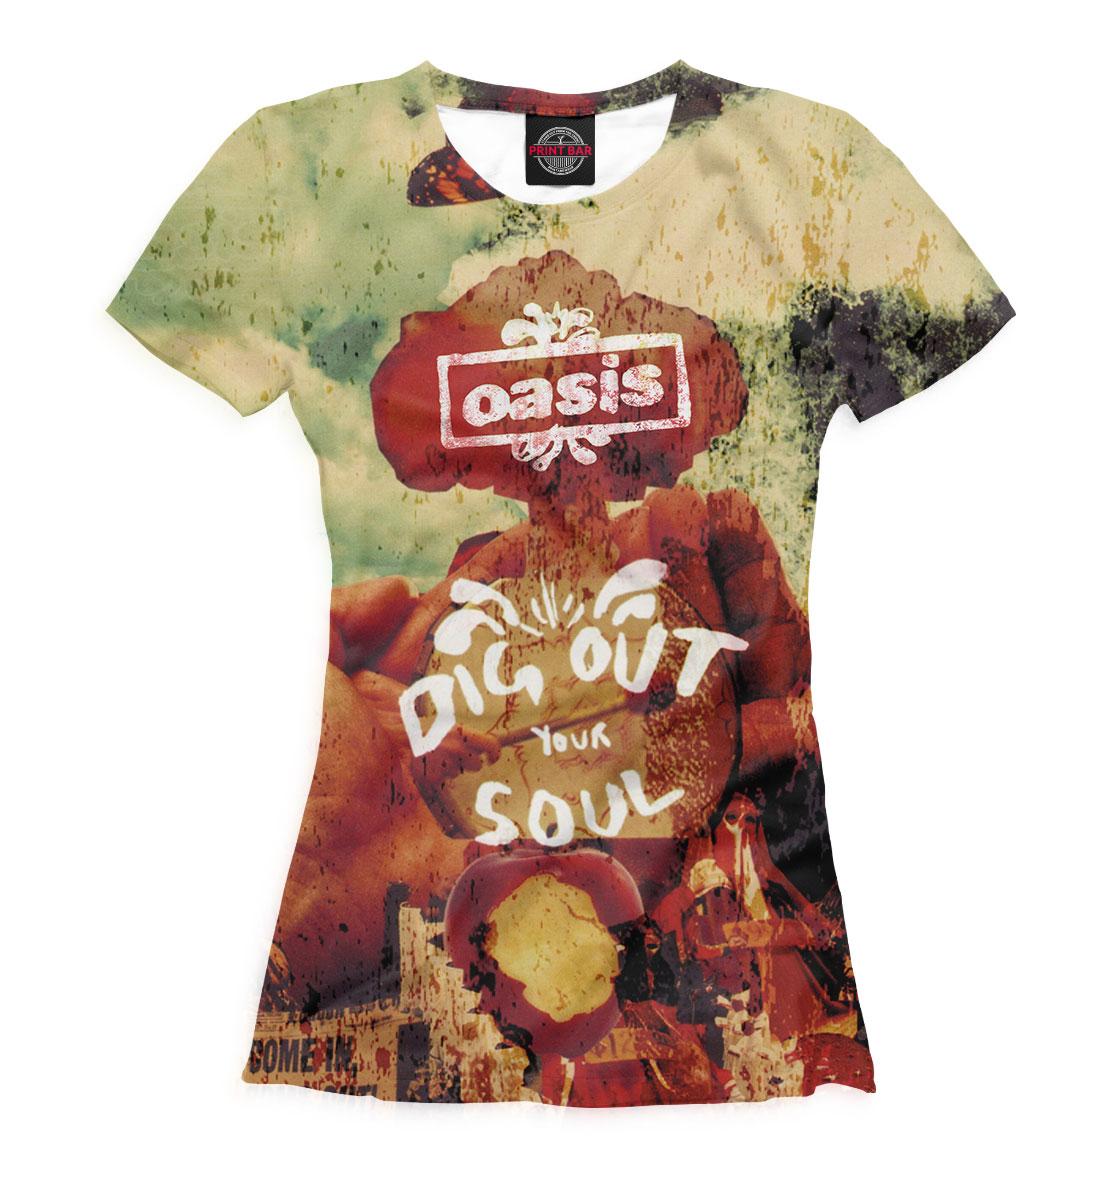 Купить Oasis, Printbar, Футболки, OAS-866076-fut-1